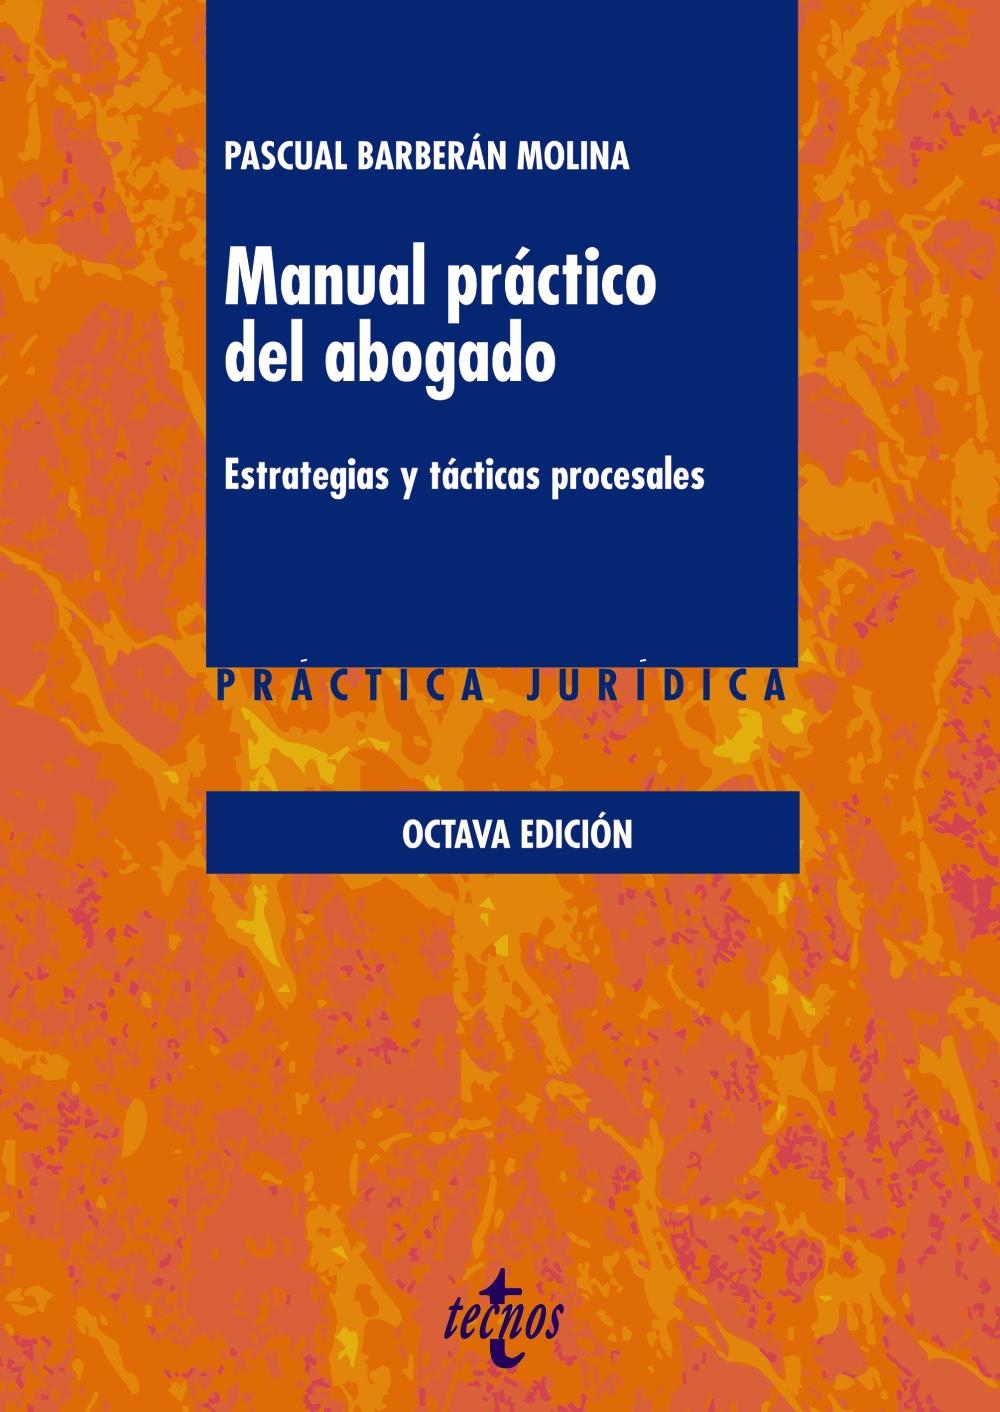 manual practico del abogado (8ª ed.): estrategias y tacticas procesales-pascual barberan molina-9788430974030